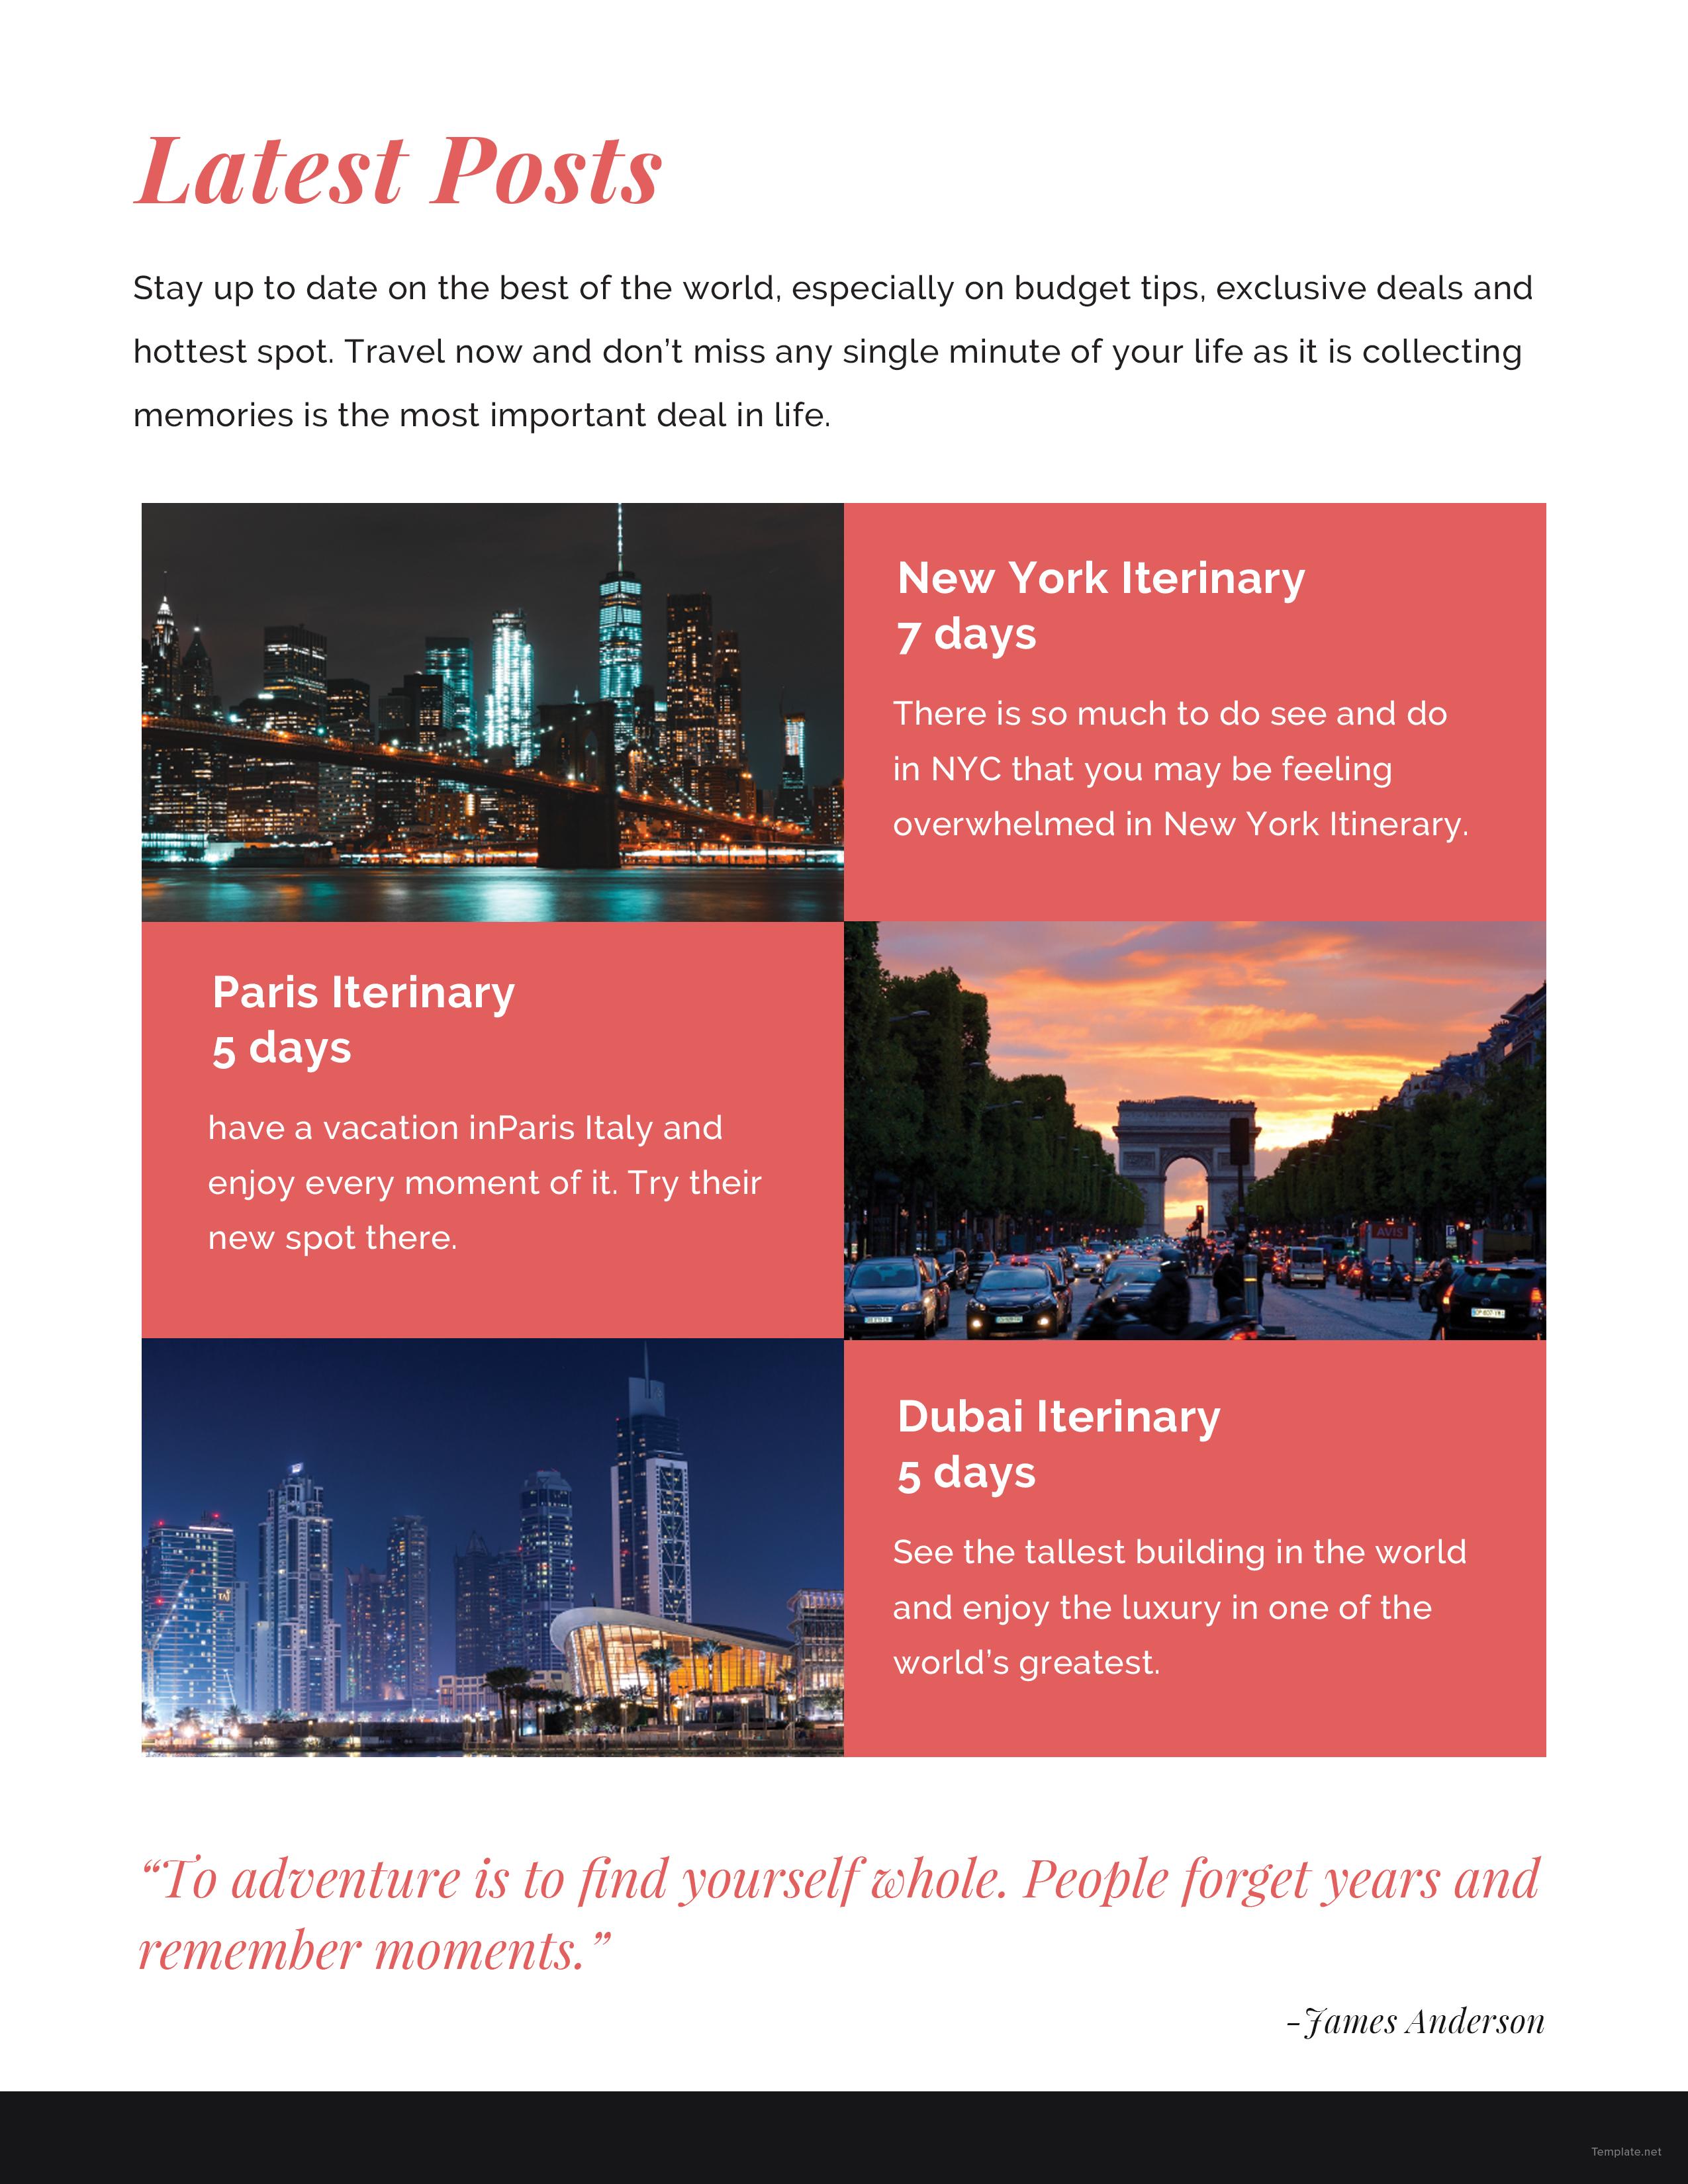 Creative Travel Blog Media Kit